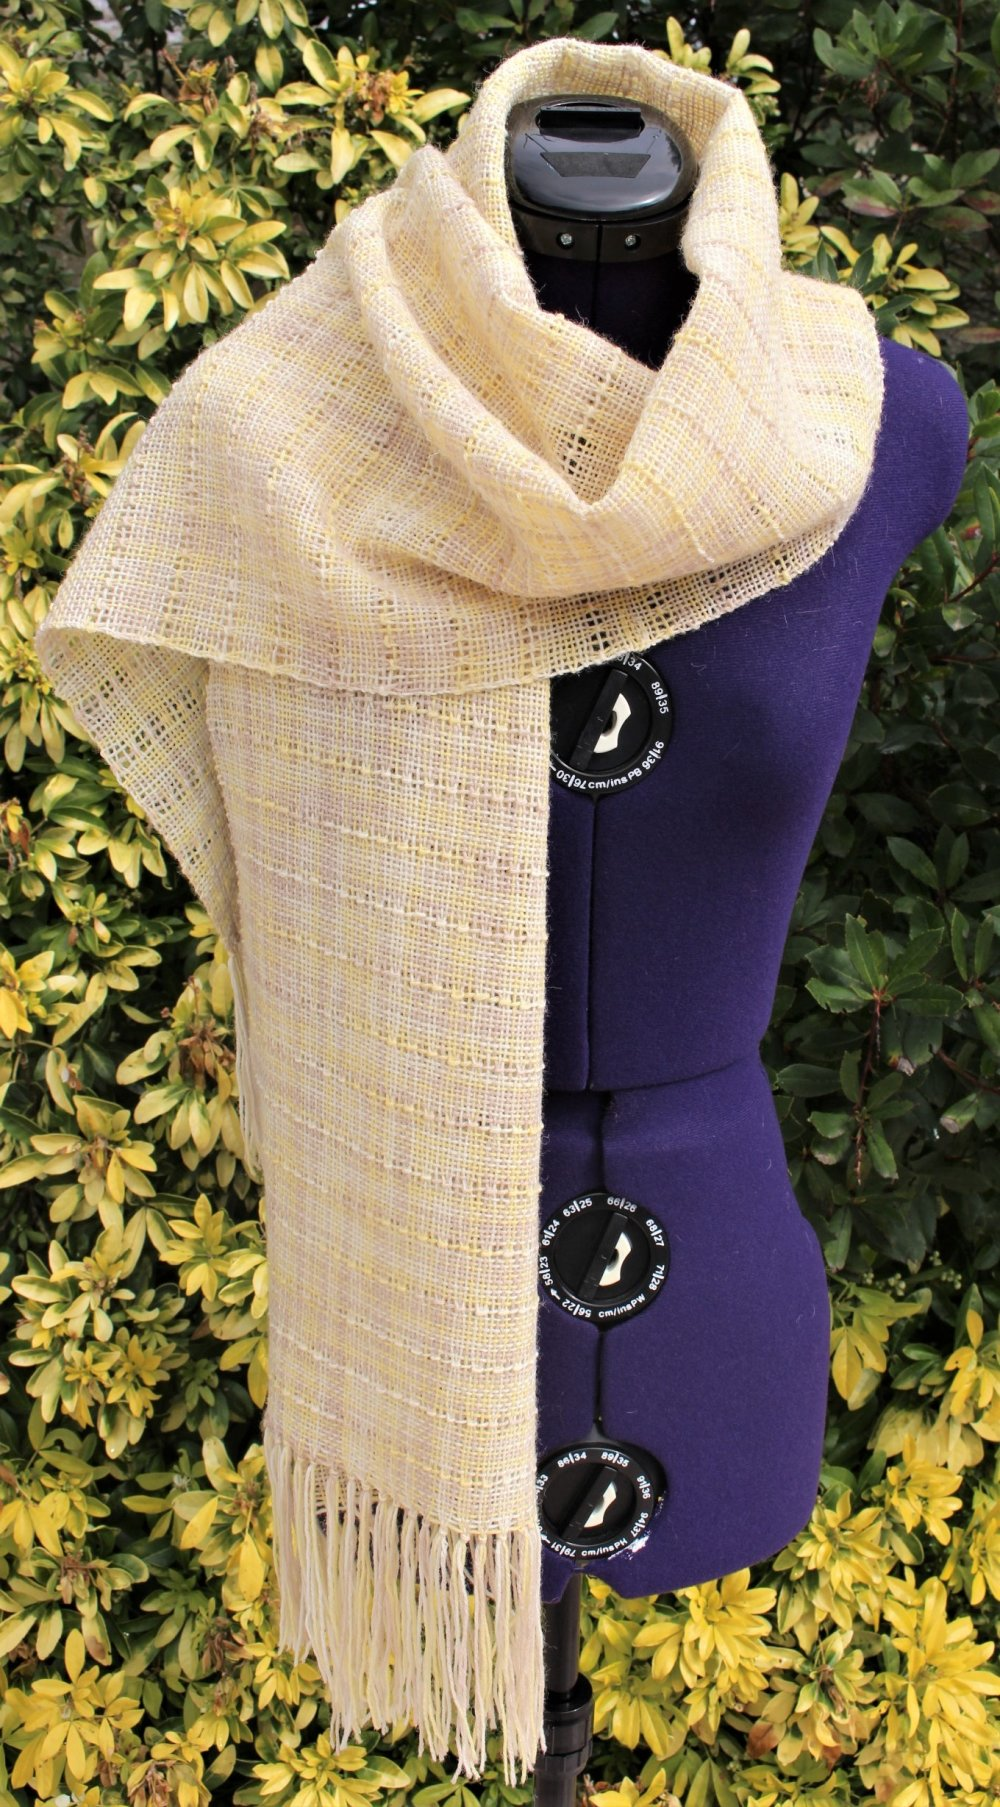 Étole en laine fait main, écharpe tour de cou tissée, châle foulard ajouré, cape à franges laine polyamide dégradé jaune